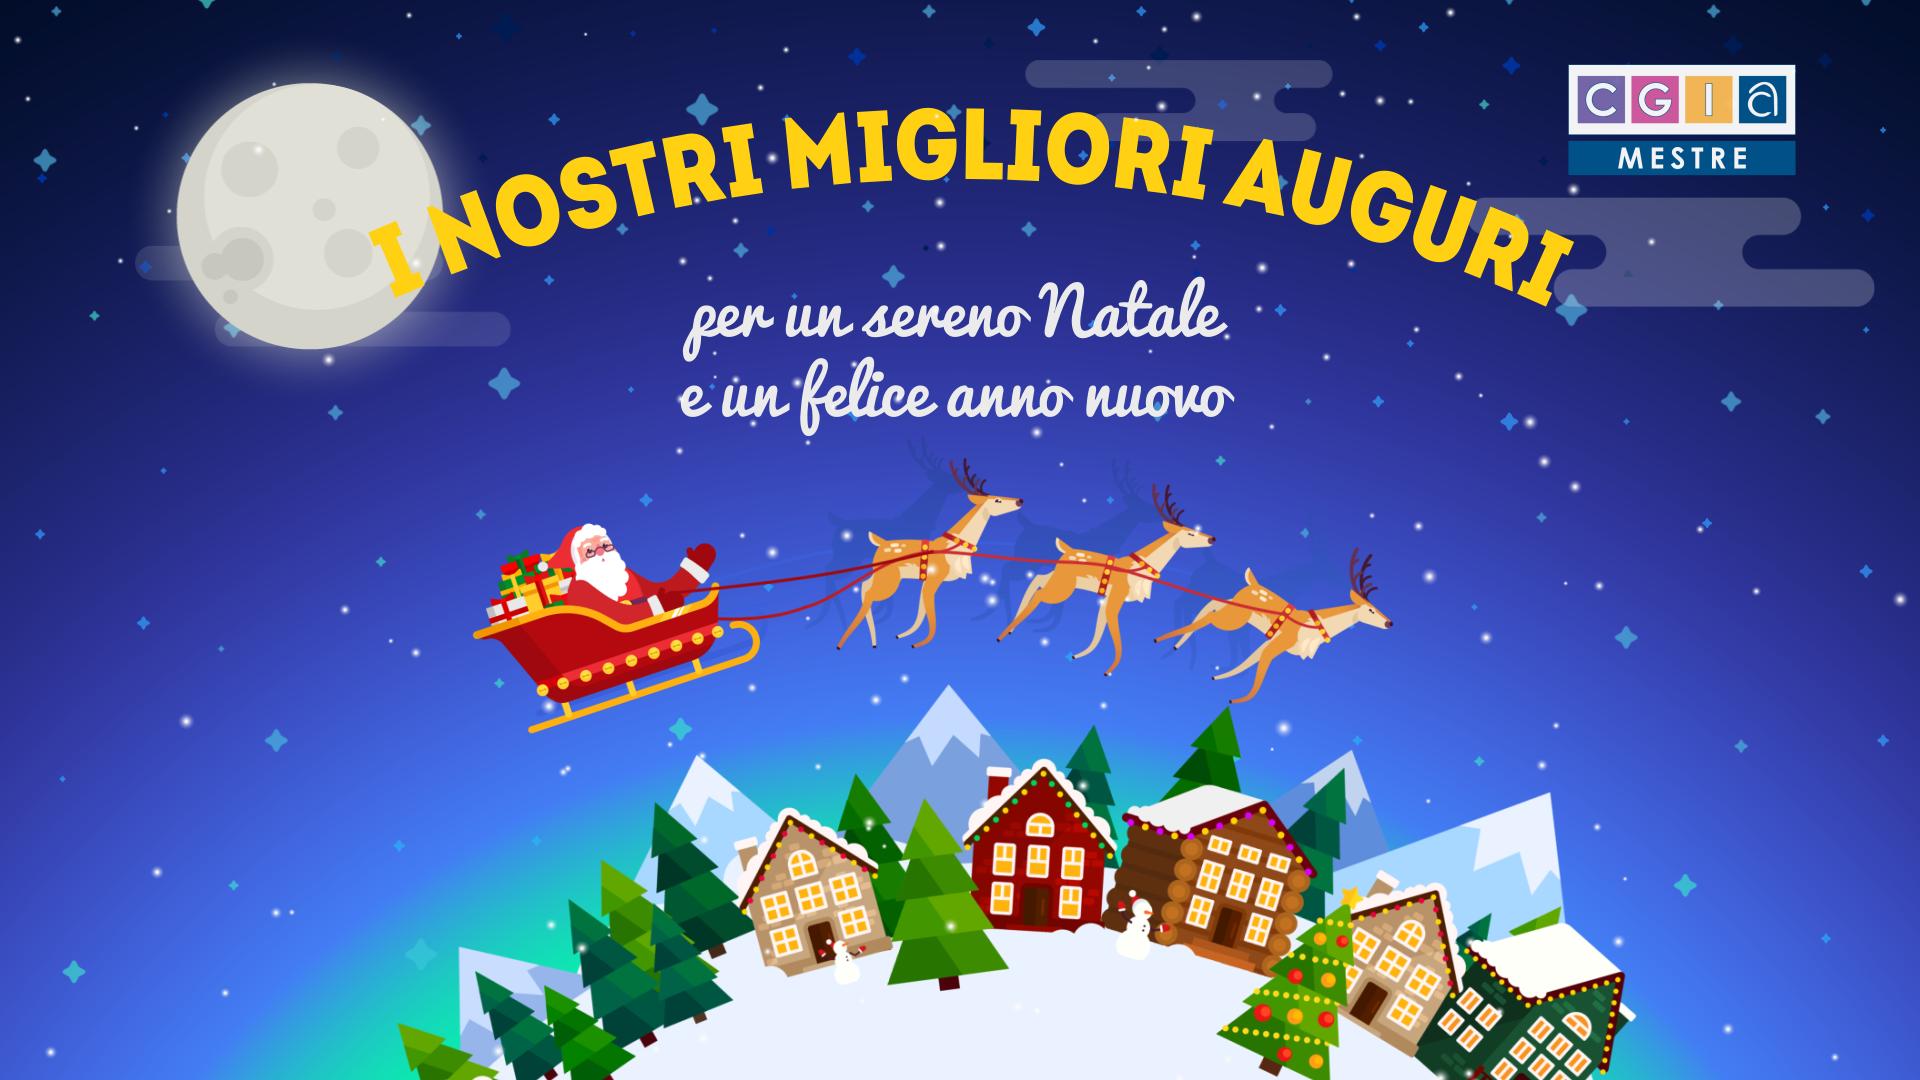 Cartoline Buon Natale E Felice Anno Nuovo.Buon Natale E Felice Anno Nuovo Da Tutto Lo Staff Della Cgia Cgia Mestre